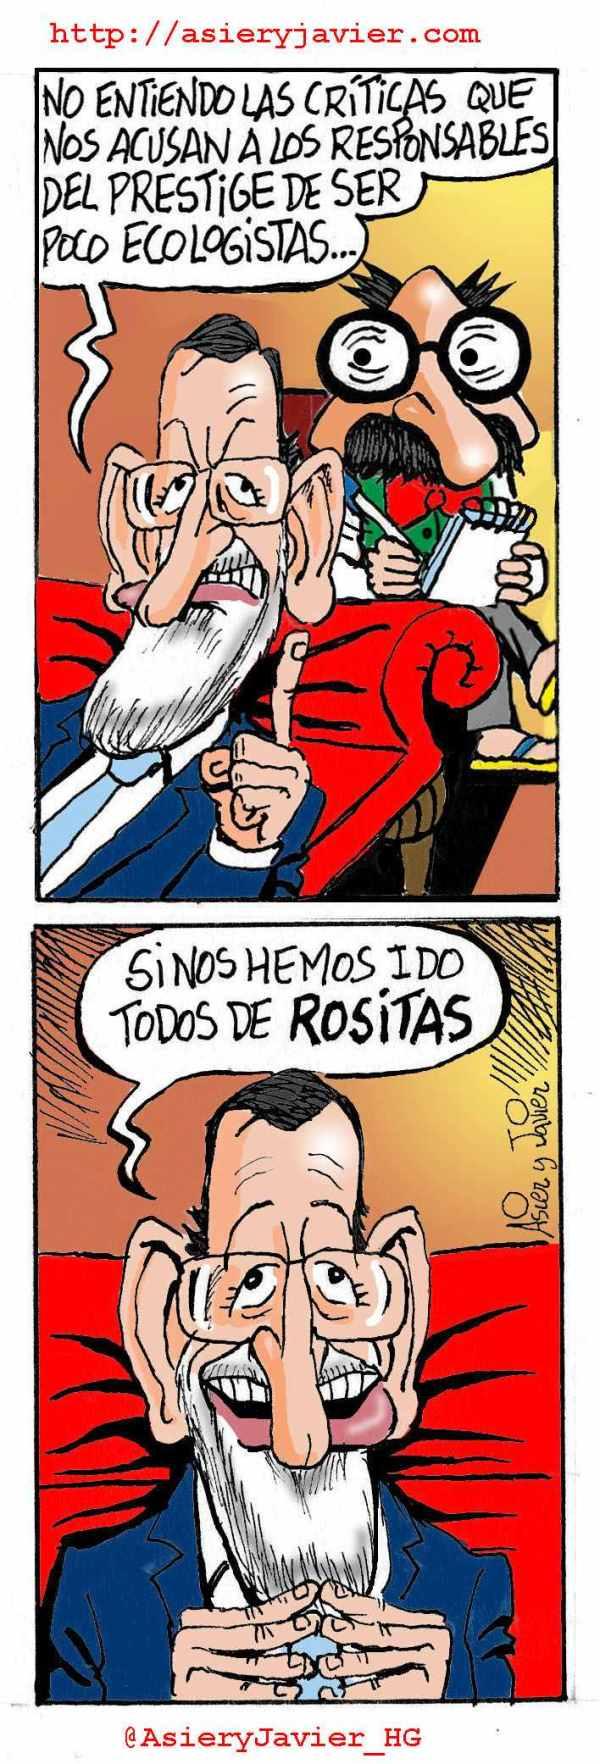 Rajoy visita al doctor Txok tras la sentencia del Prestige